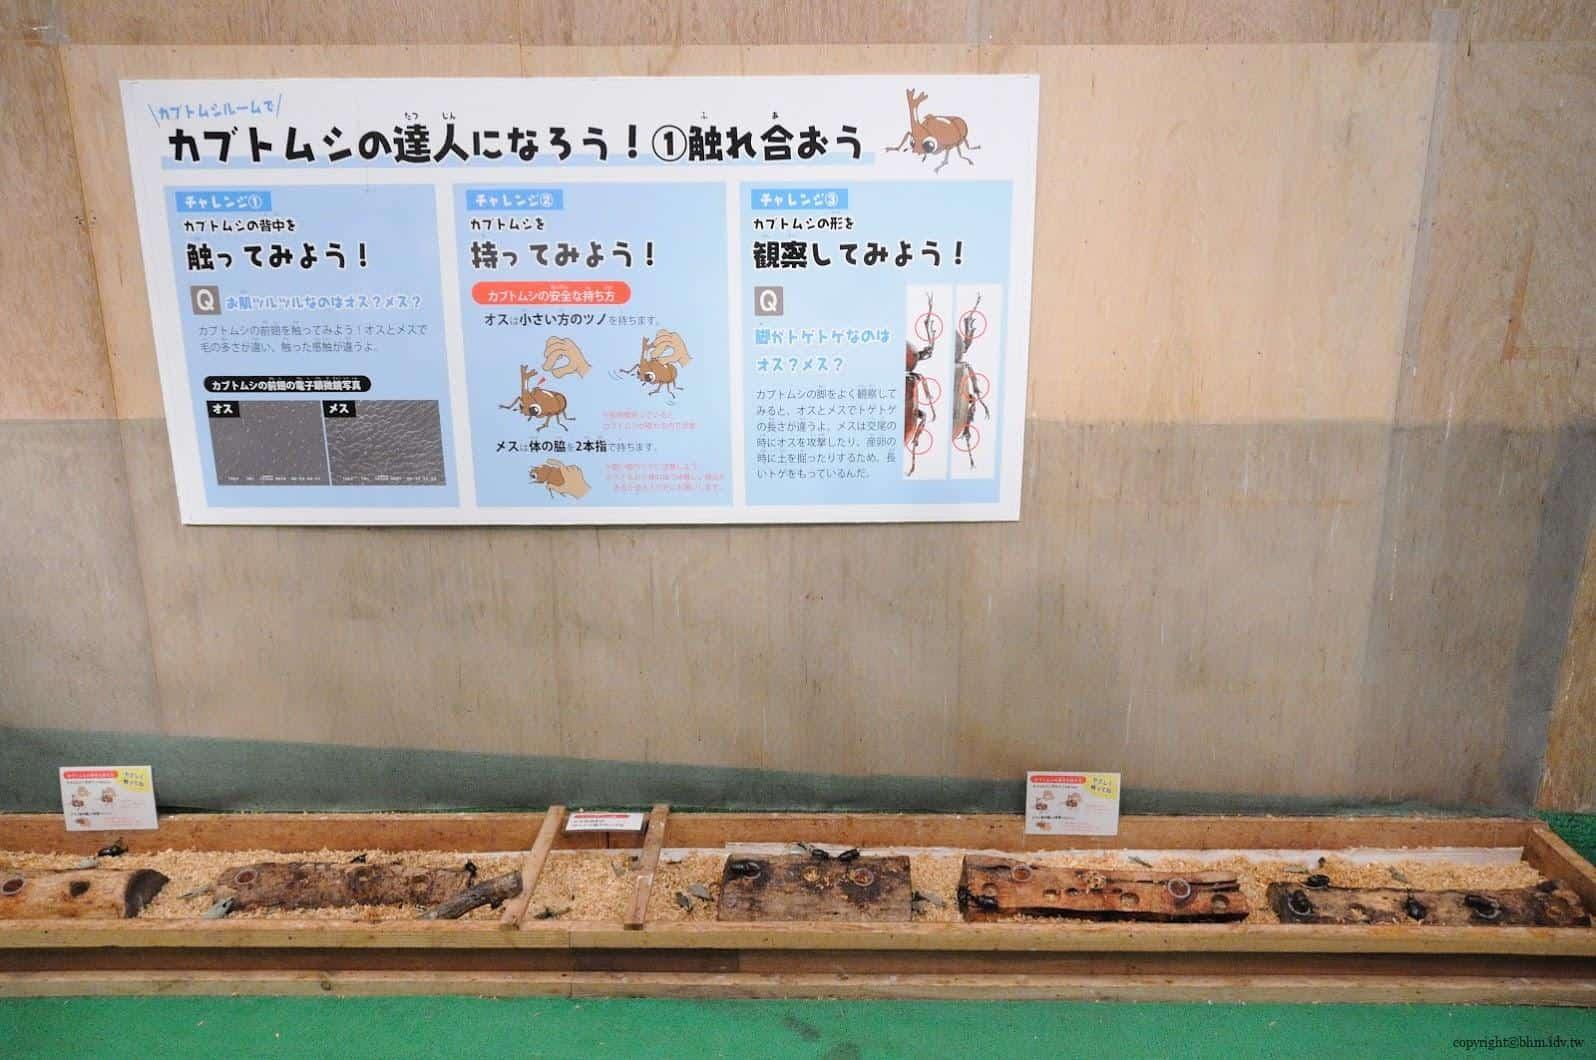 手塚貴晴+手塚由比,十日町市立里山科學館「森林學校」,介紹松之山區域自然與文化的自然科學館,裡面最讓我驚訝的甲蟲就這樣近距離讓遊客接觸,也第一次了解他們食物,處處充滿驚喜 十日町市立里山科學館 十日町市立里山科學館/森林學校 echigo matsunoyama museum of natural science 22